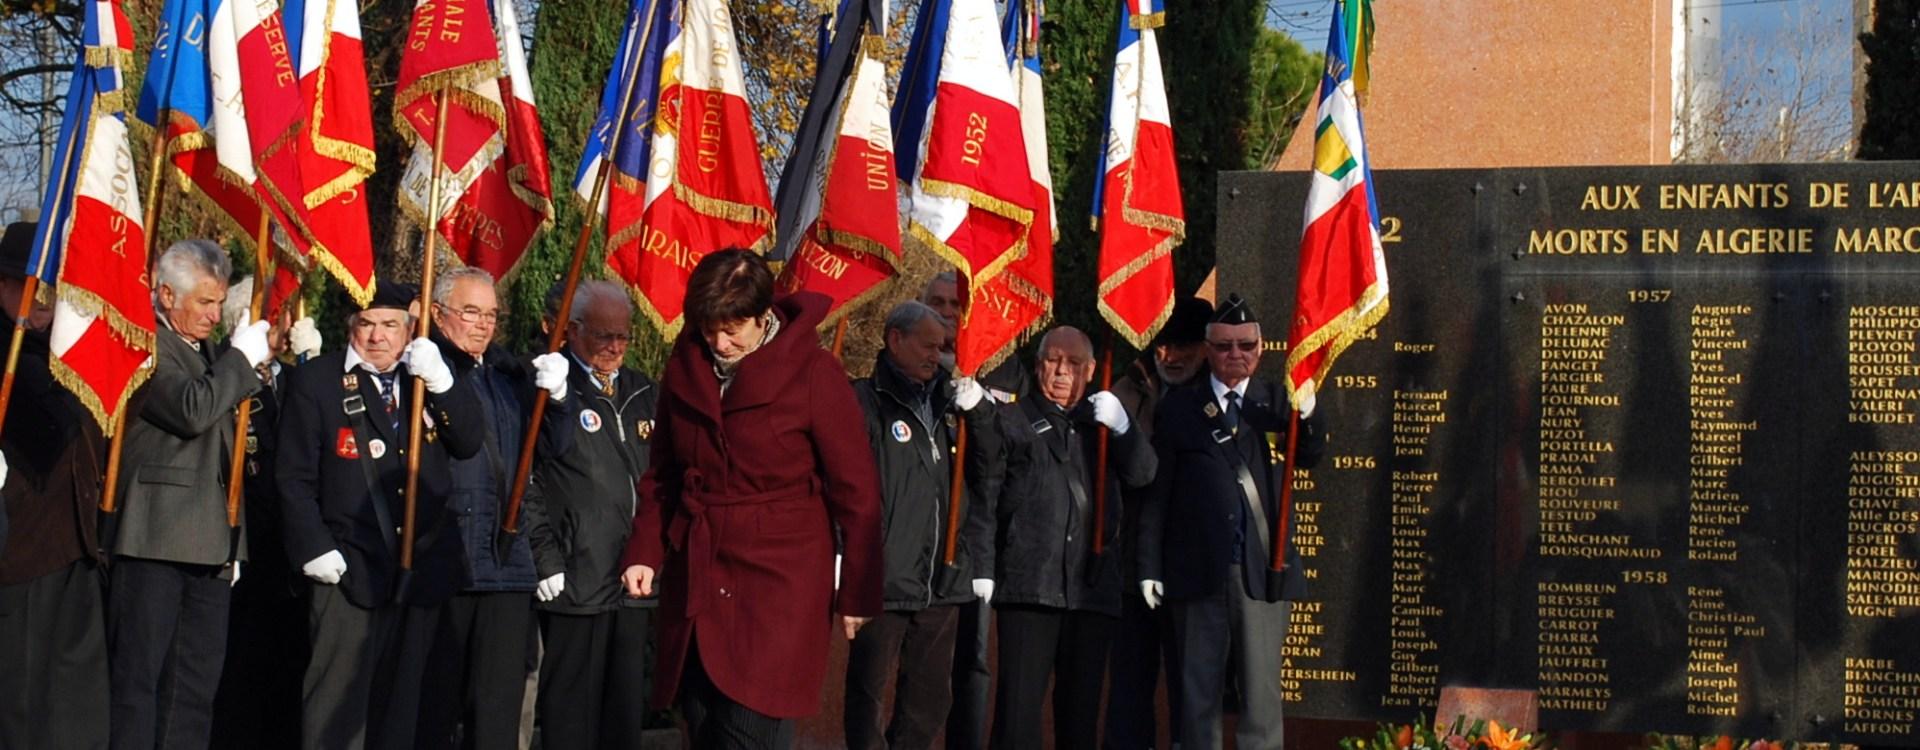 Dominique PALIX présente pour la cérémonie de commémoration de la guerre d'Algérie au Pouzin